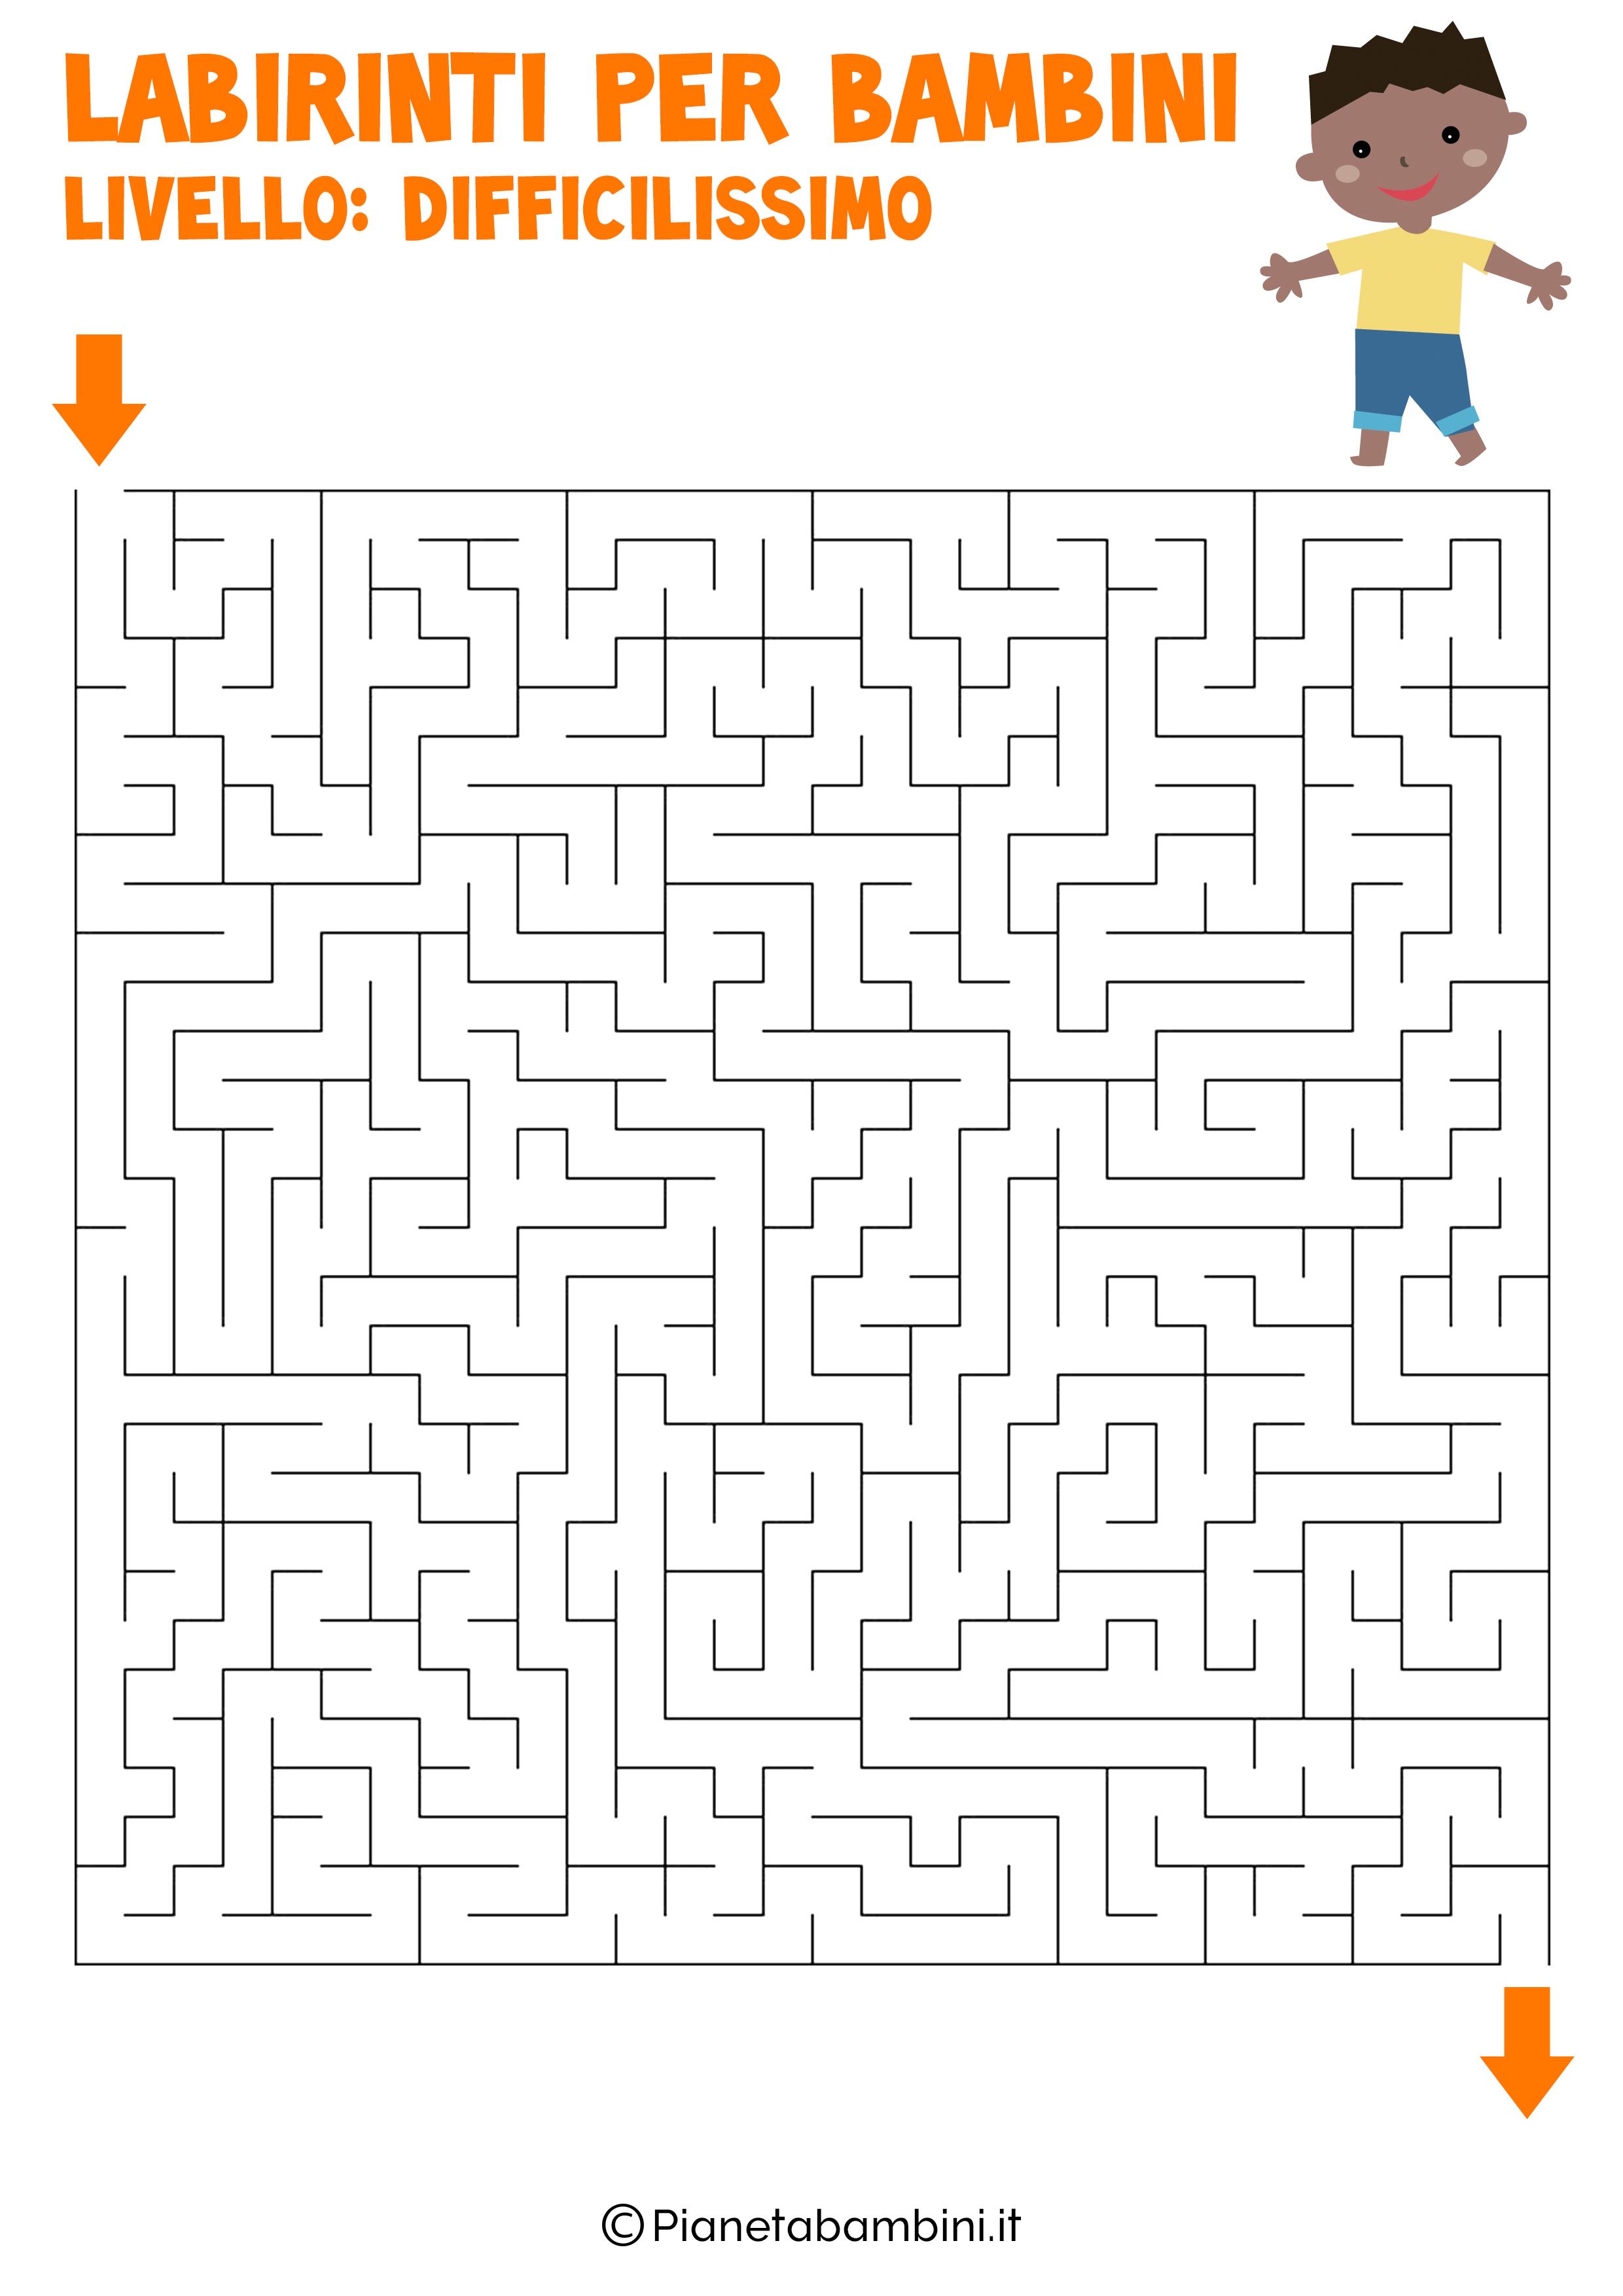 Labirinto difficilissimo per bambini numero 7